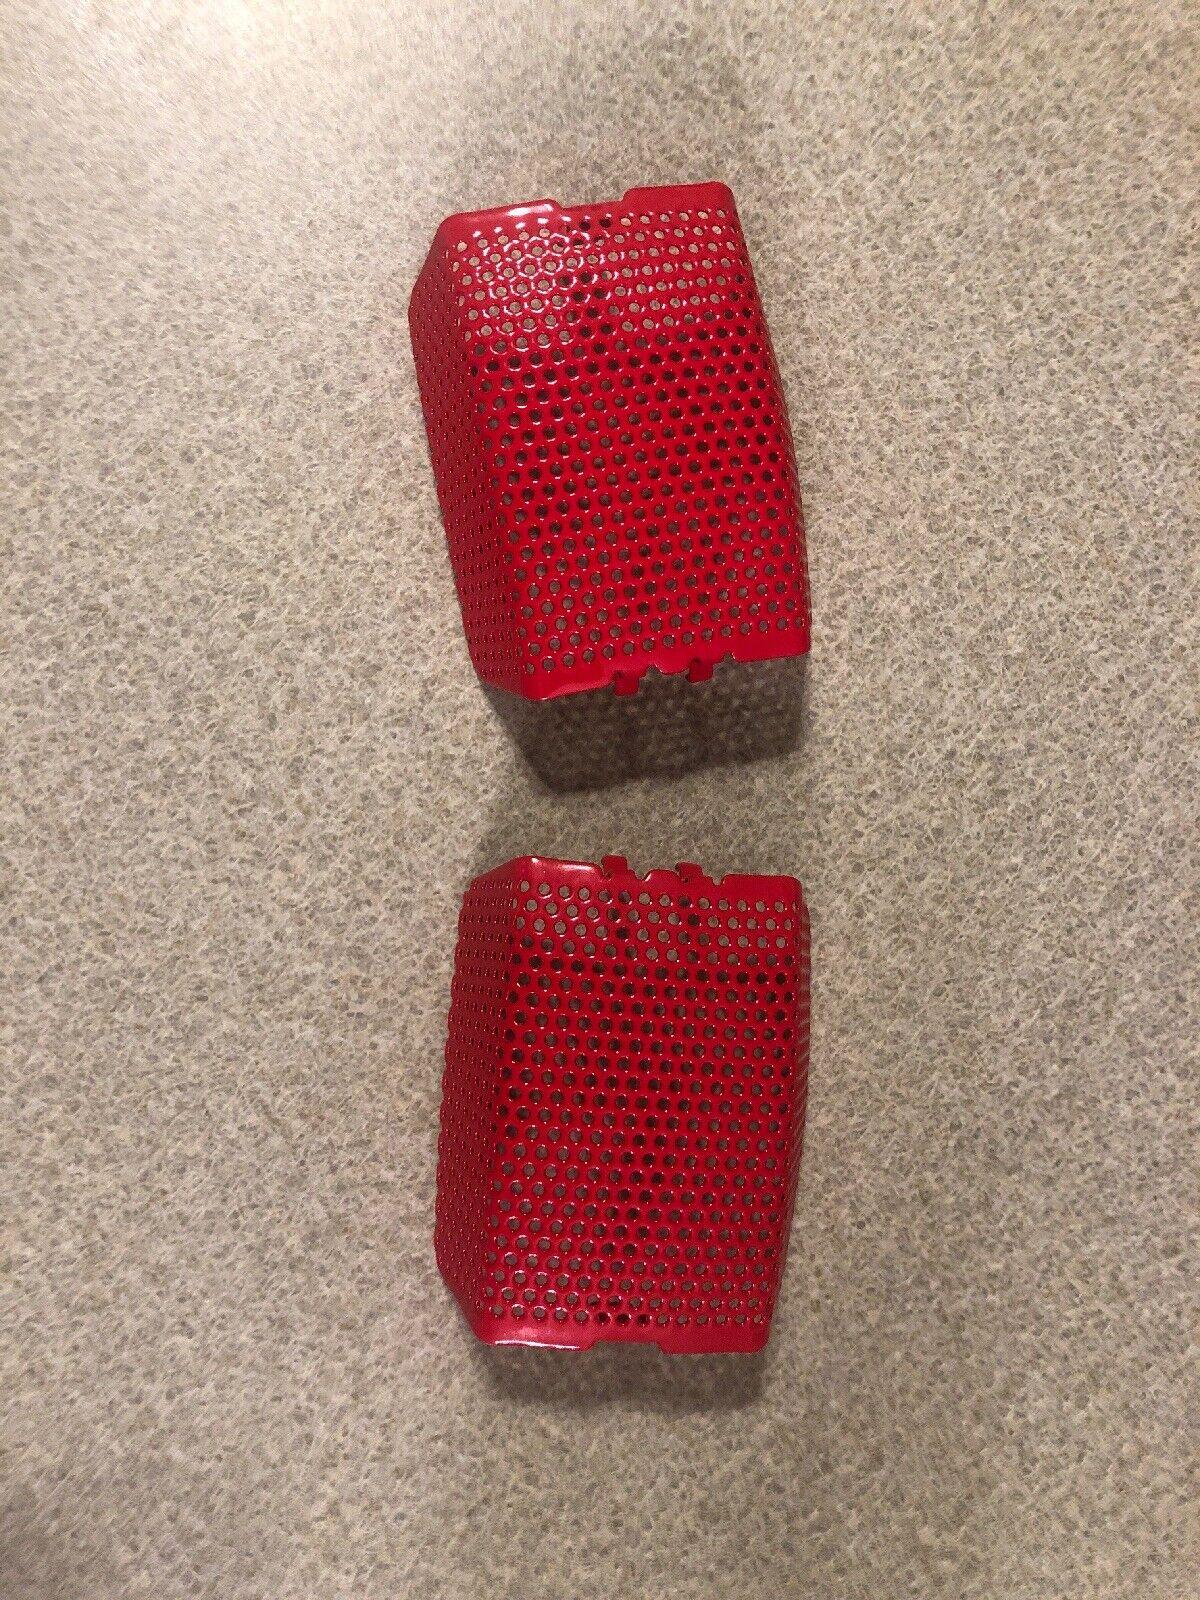 Harley Brembo Caliper COVERS Ultra Glide 08-18 42851-06 FLHTC RED powder coated